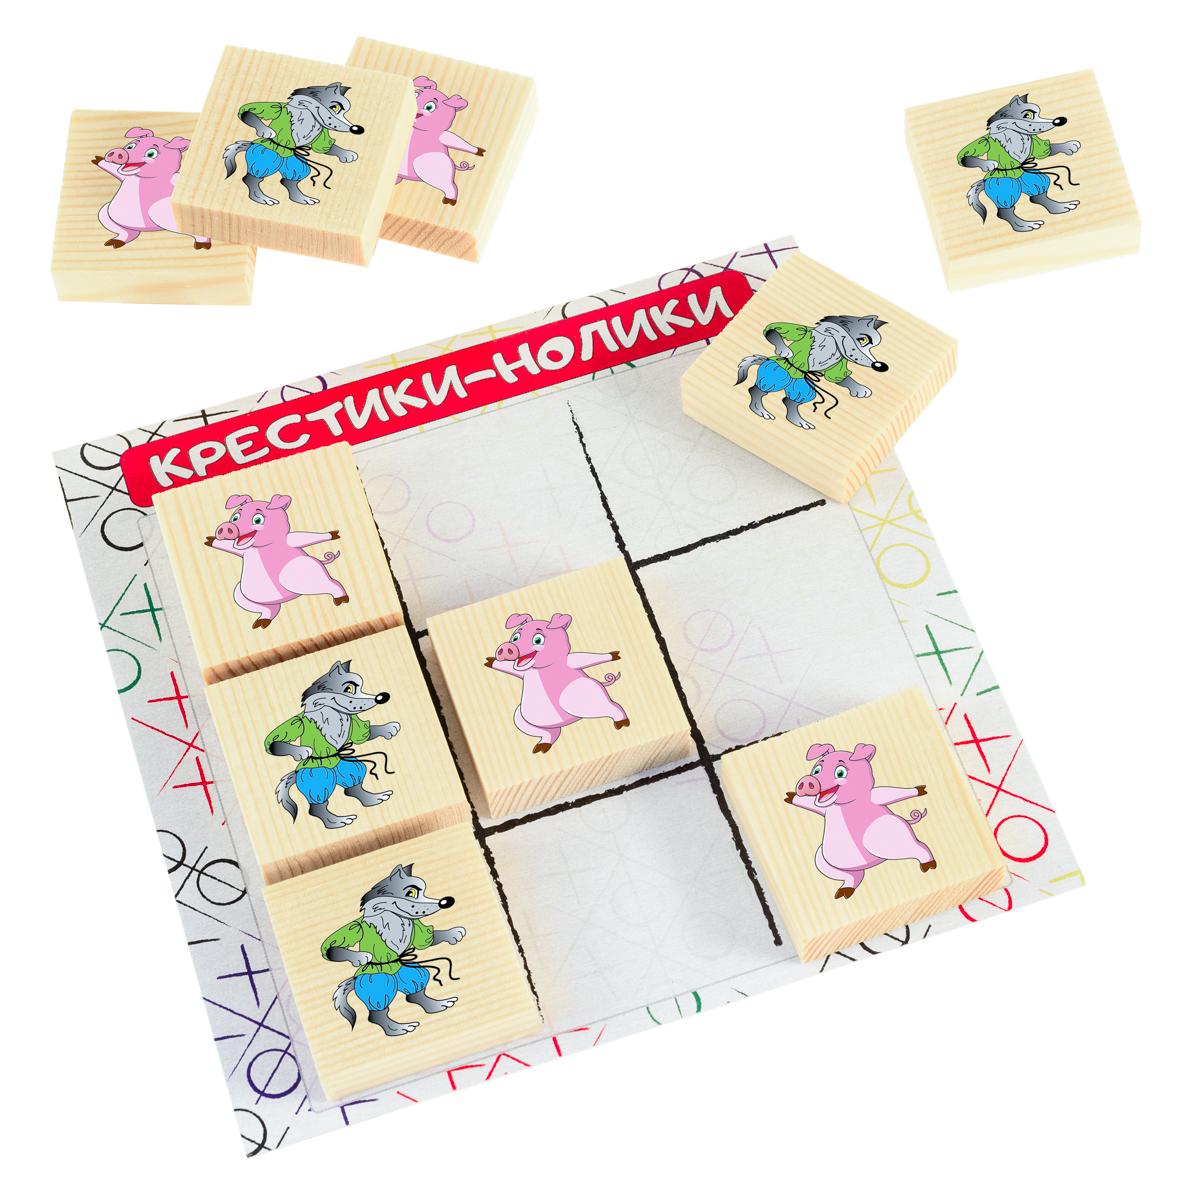 Развивающие деревянные игрушки Обучающая игра Крестики-нолики Волк и поросенок развивающие деревянные игрушки обучающая игра крестики нолики классика